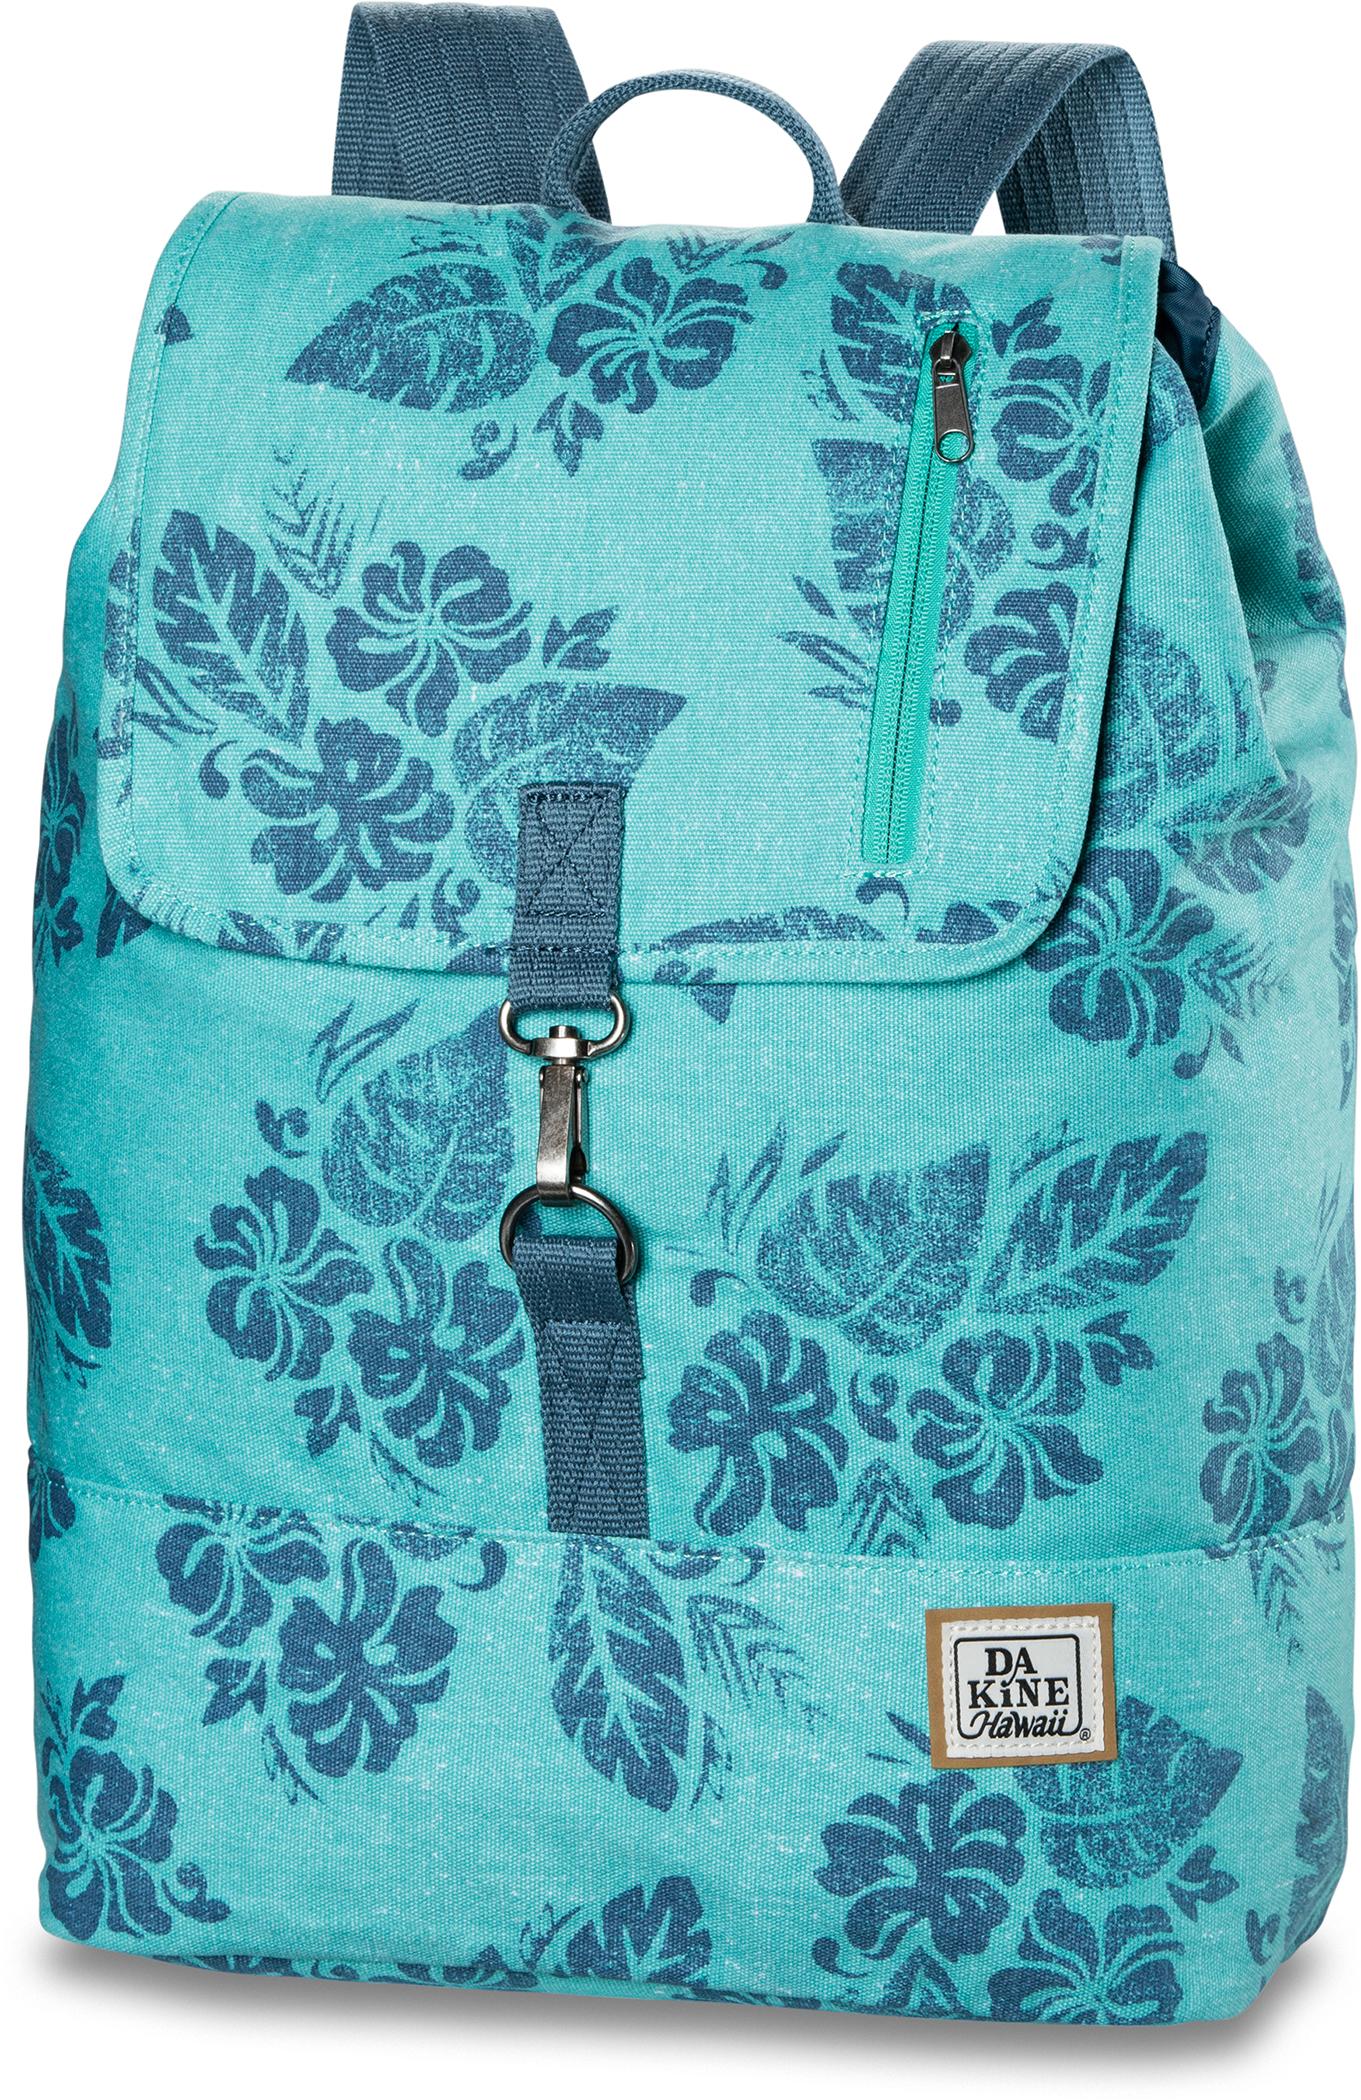 dc5f8af9f23 Dakine Ryder Pack Womens Rucksack 24L Kalea Canvas     Backpacks   The  Board Basement